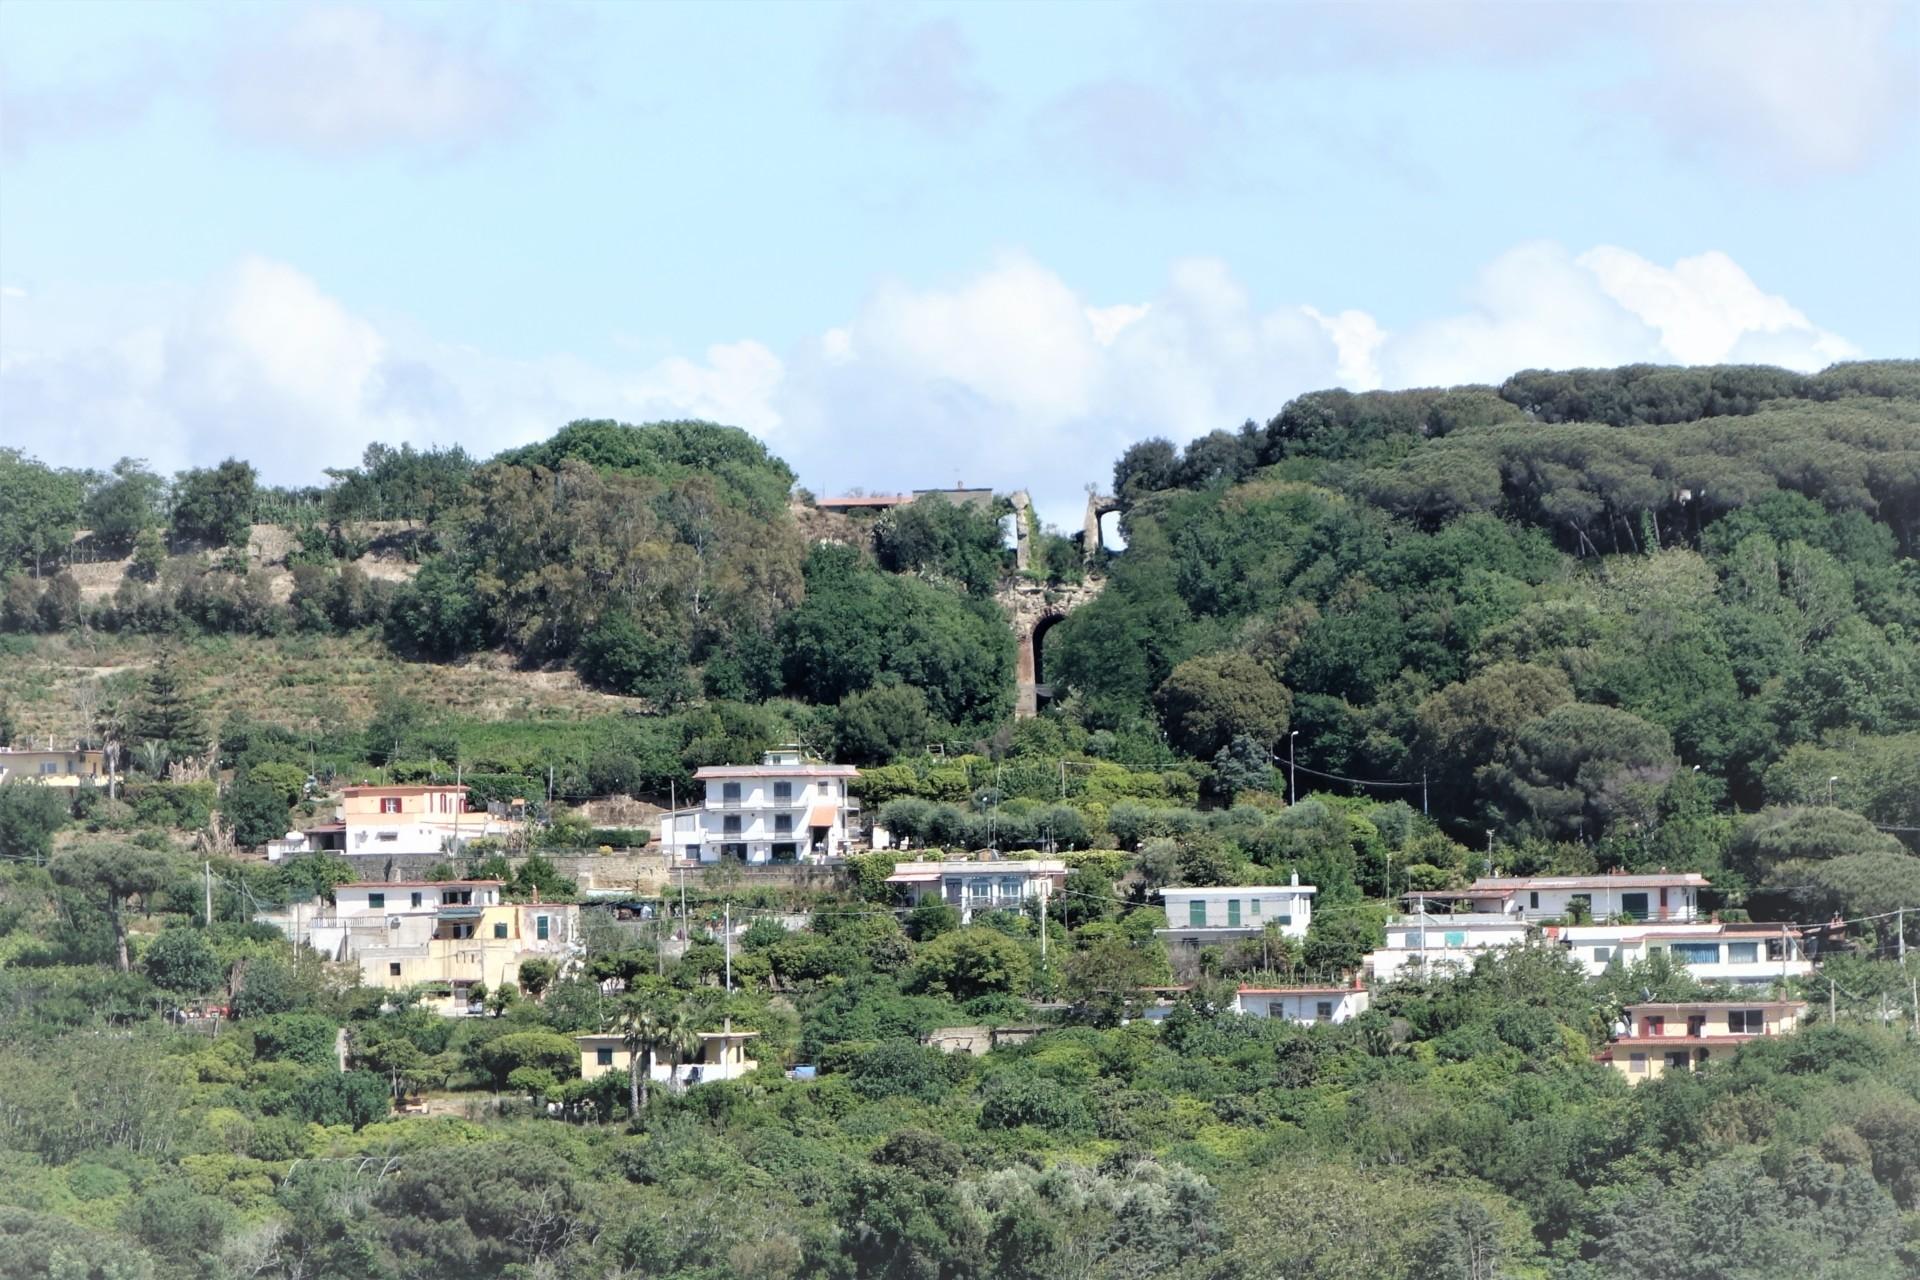 Cumae, Blick zum Arco Felice, zum Bogen des Glücks